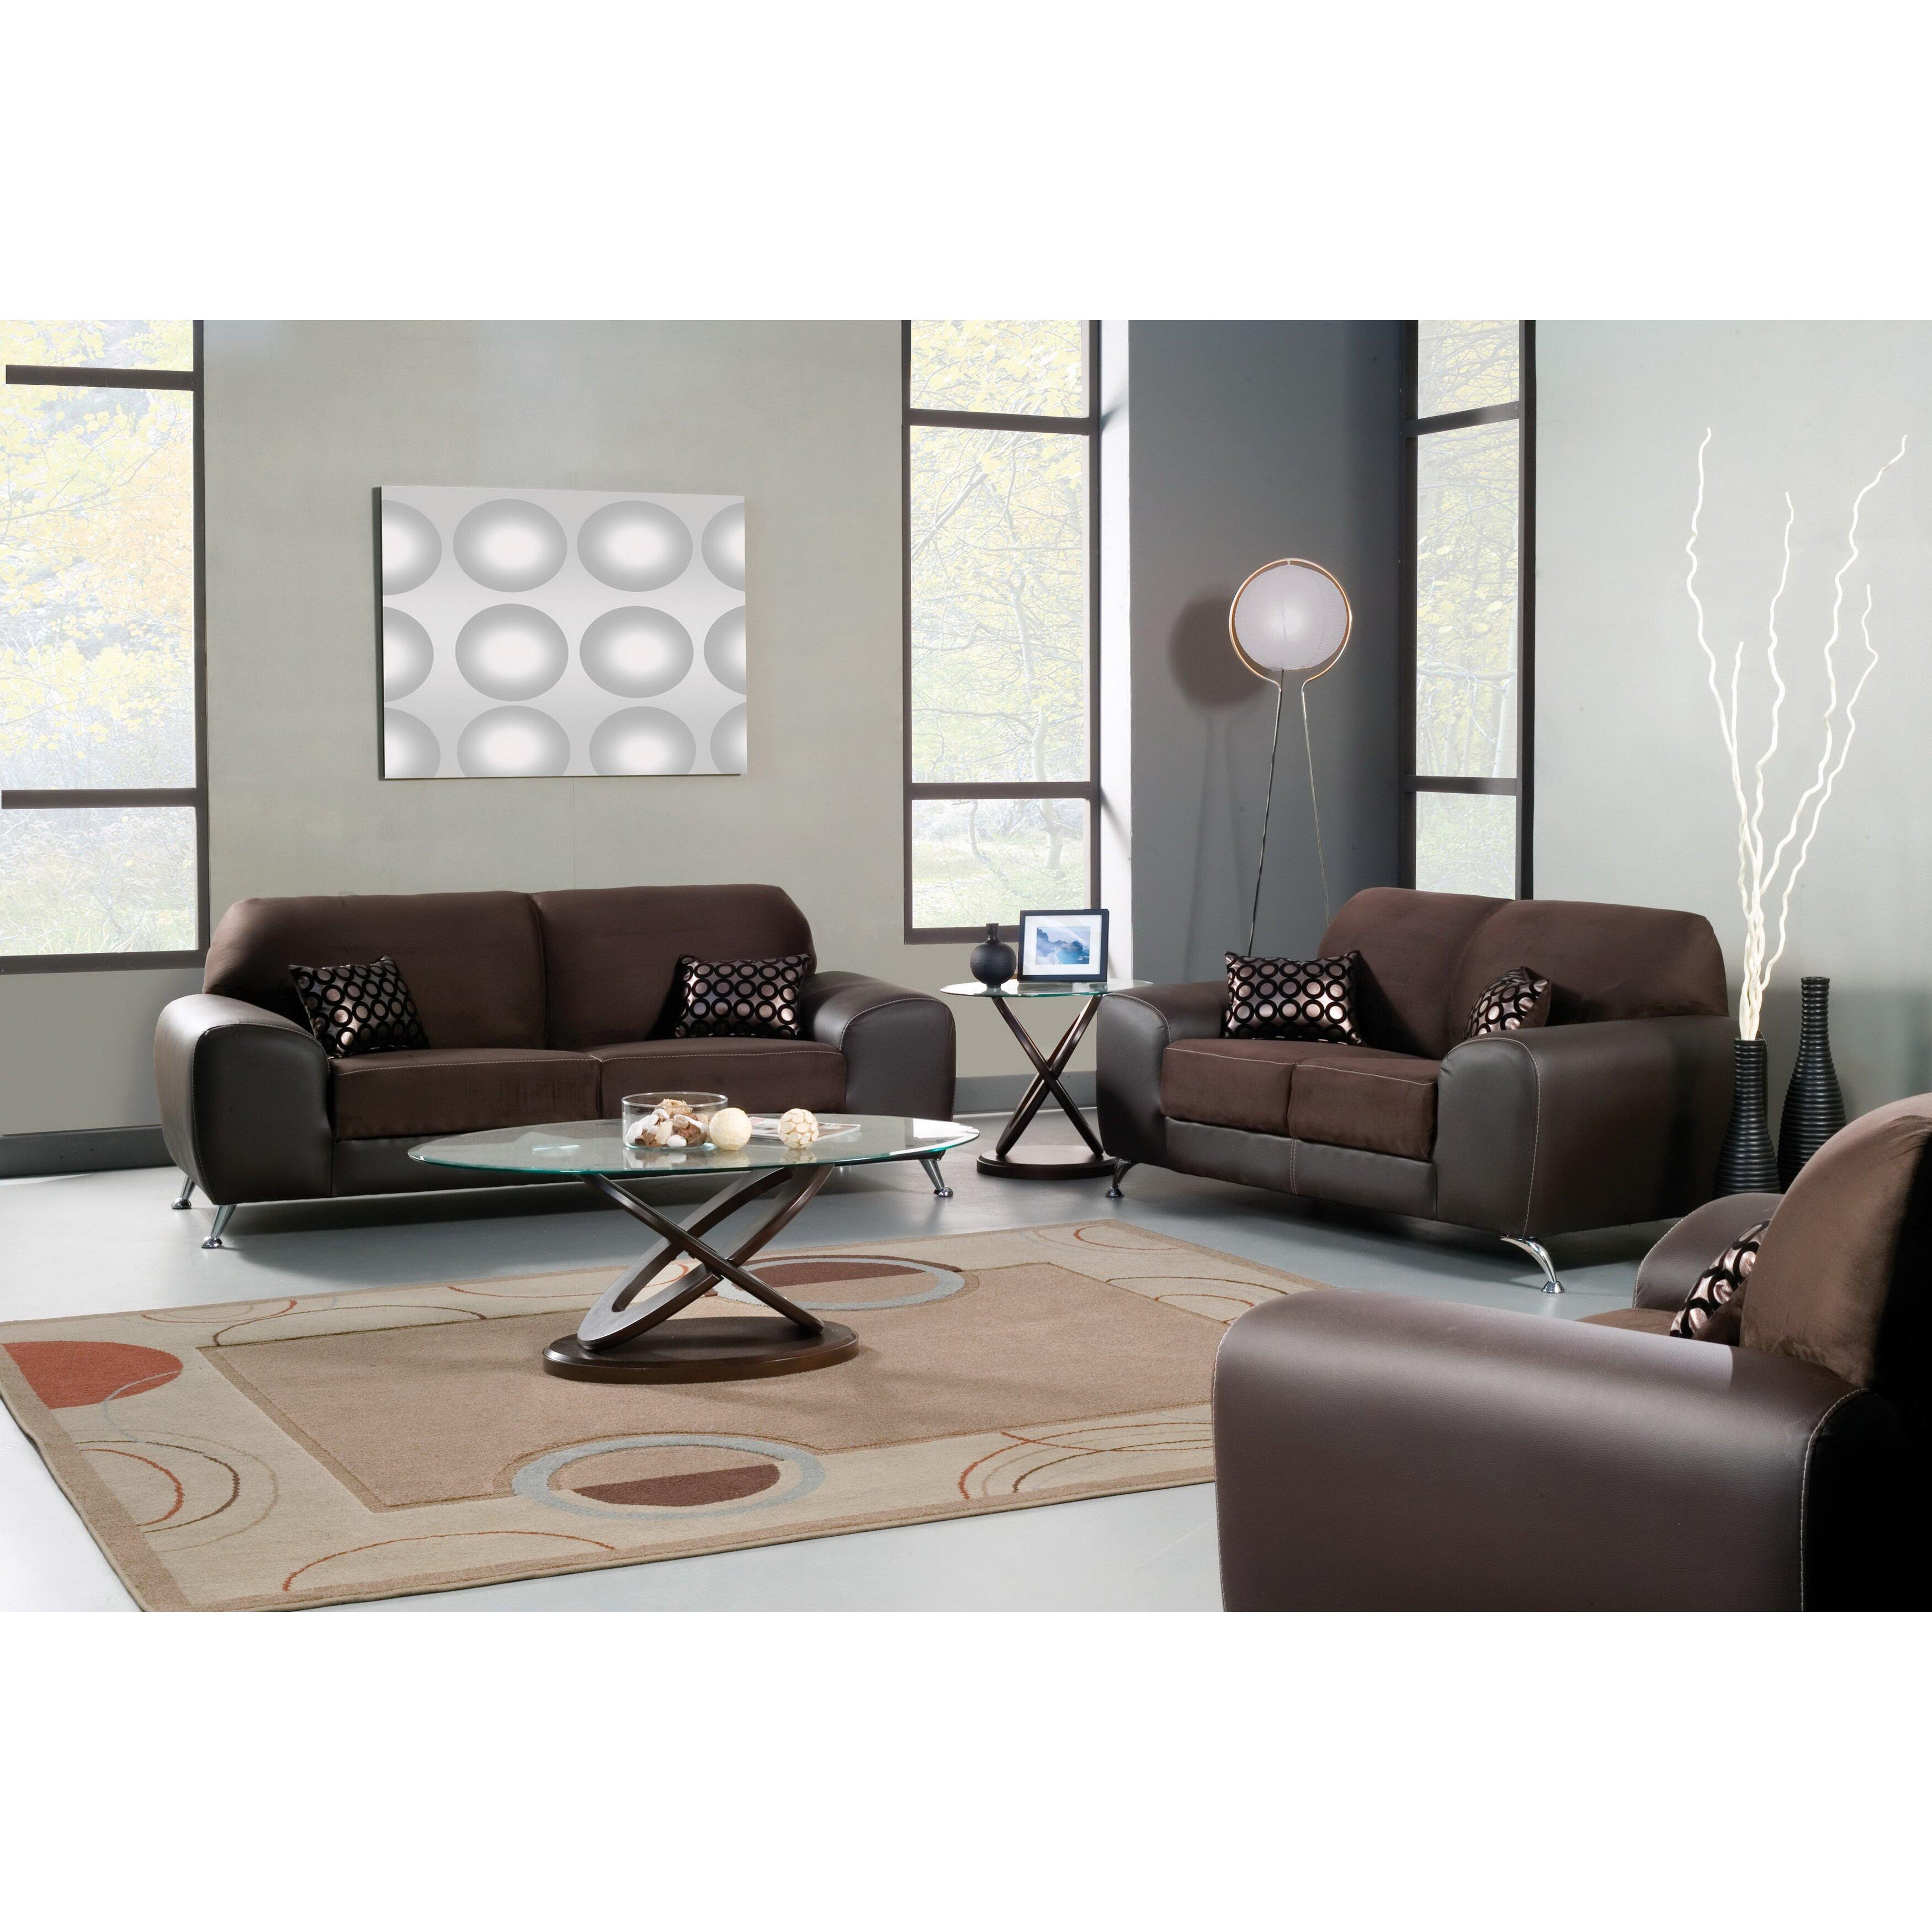 Hokku designs sona living room collection reviews wayfair for Hokku designs living room furniture